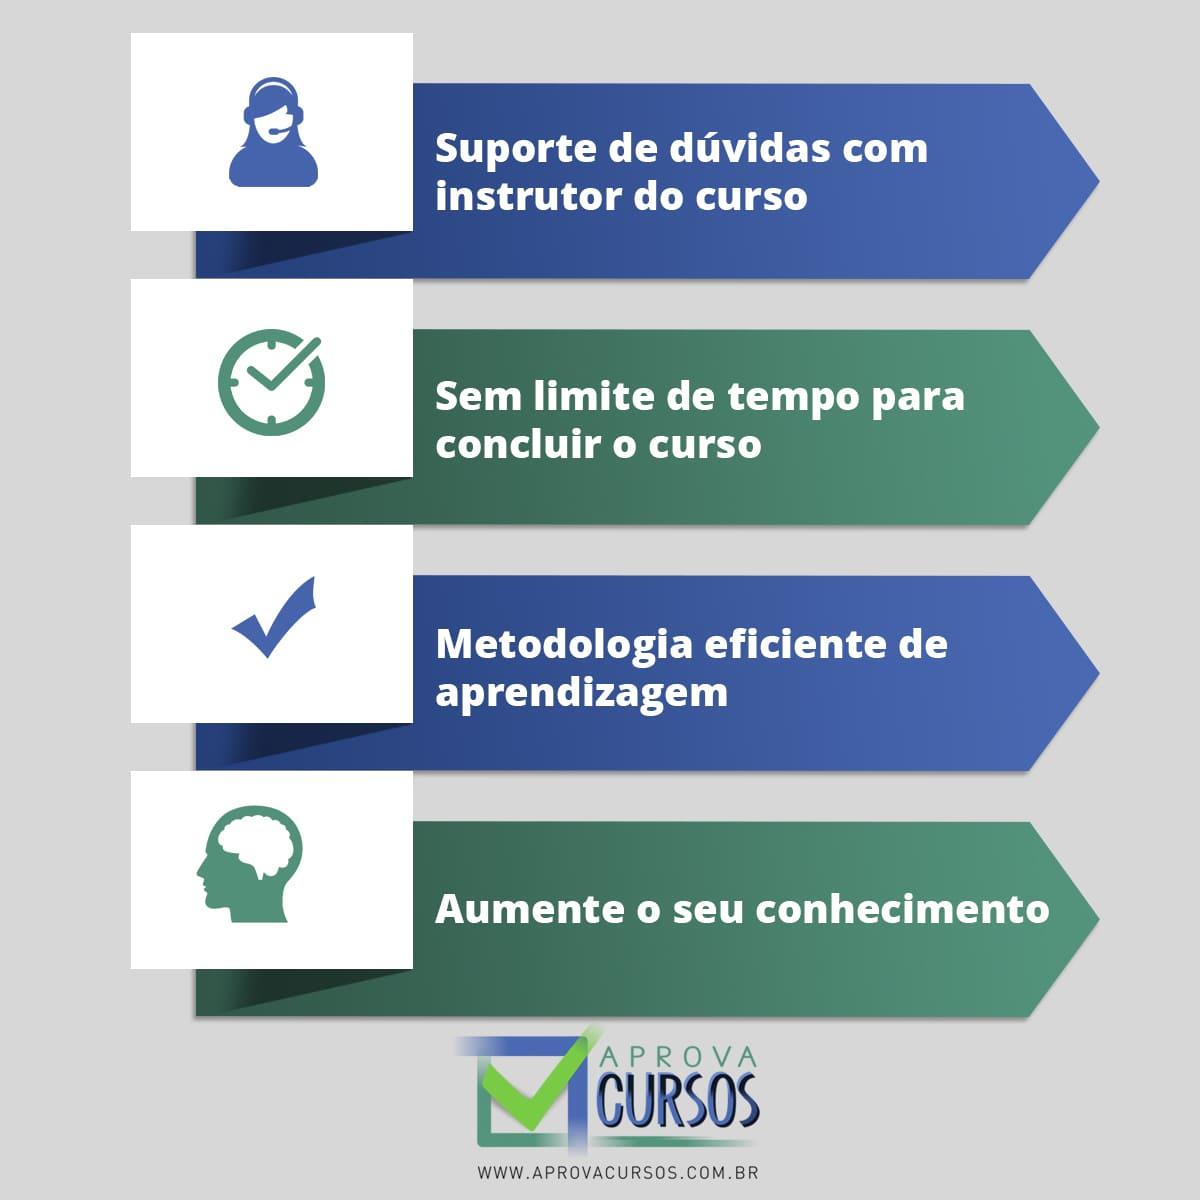 Curso Online de Técnicas de Podologia com Certificado  - Aprova Cursos